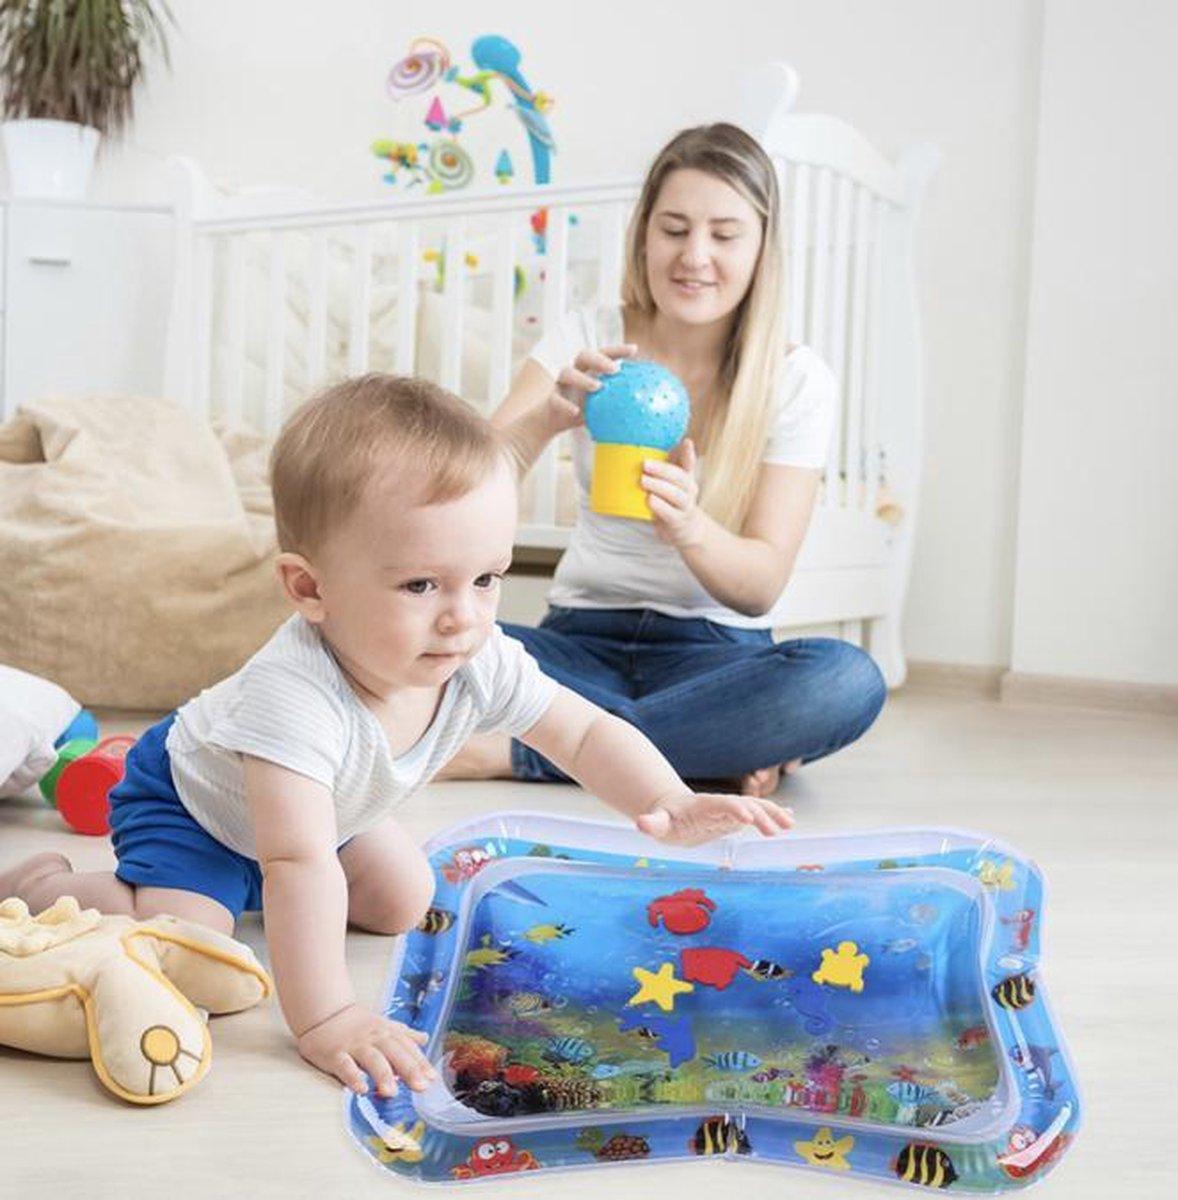 Baby waterspeelmat- opblaasbaar- leuke kraamcadeau- verjaardagscadeau- Speelkleed- kopen